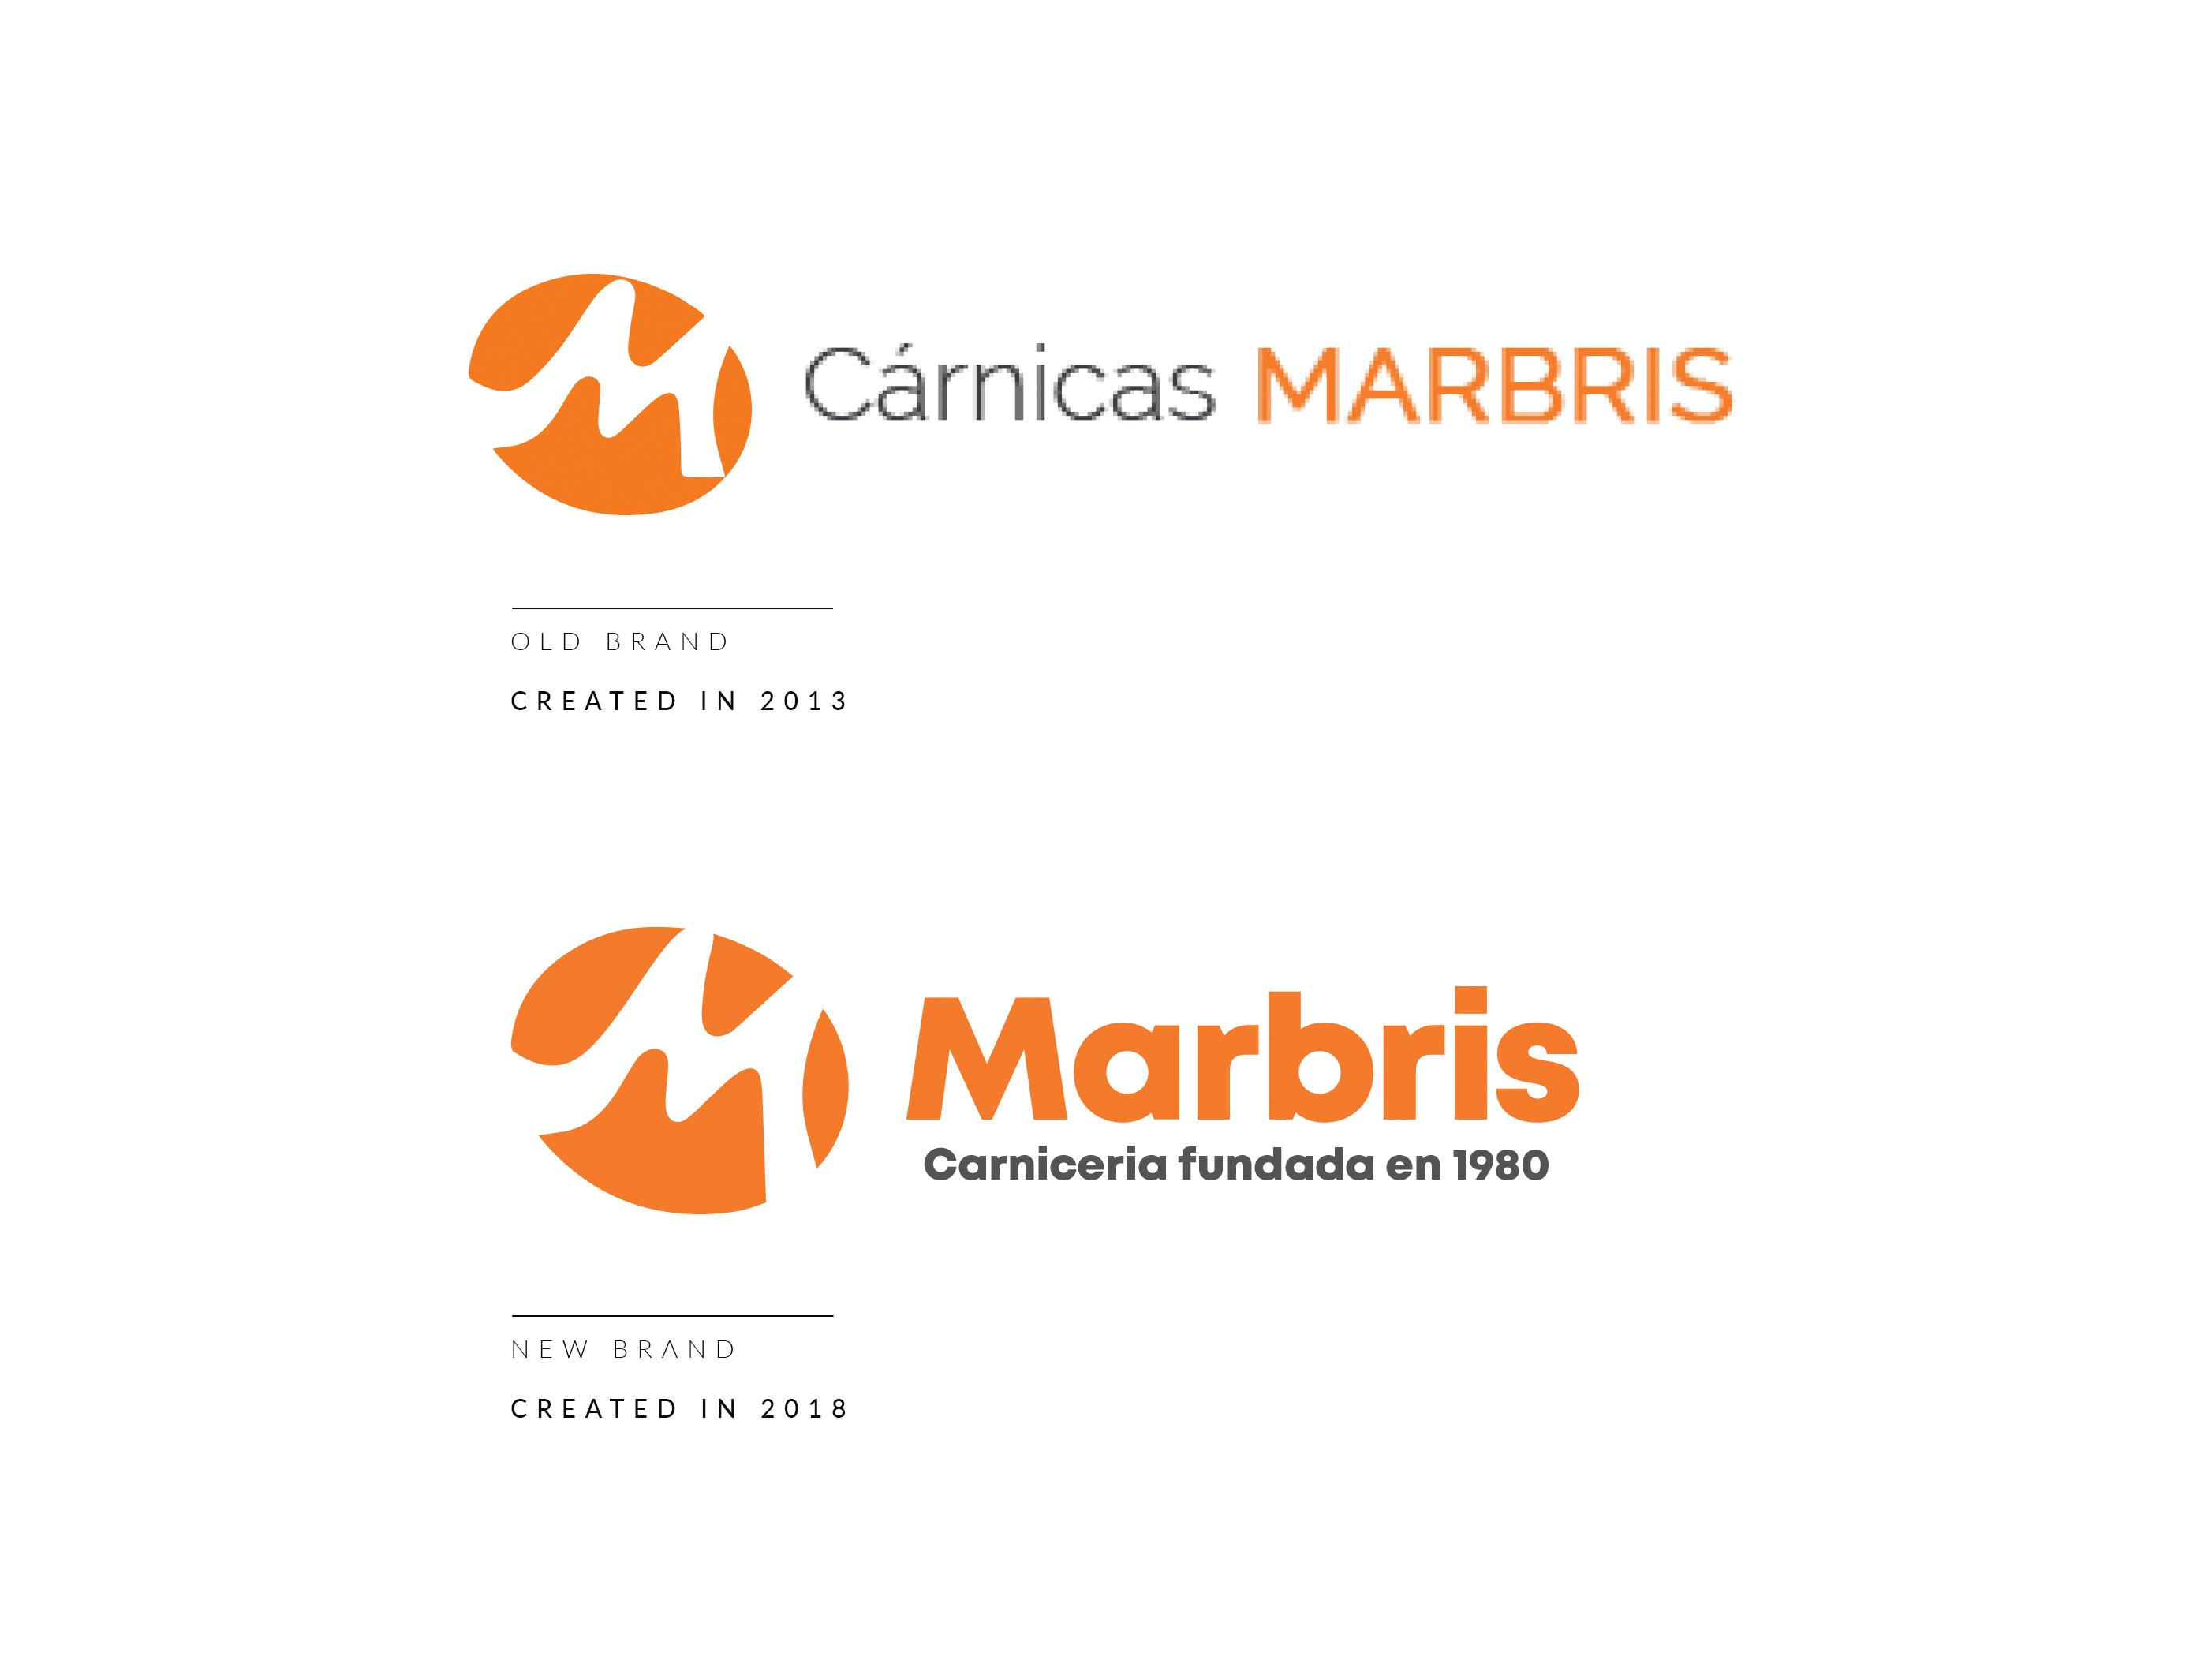 MARBIRS-REBRANDING-AGNECIA-BARCELONA1